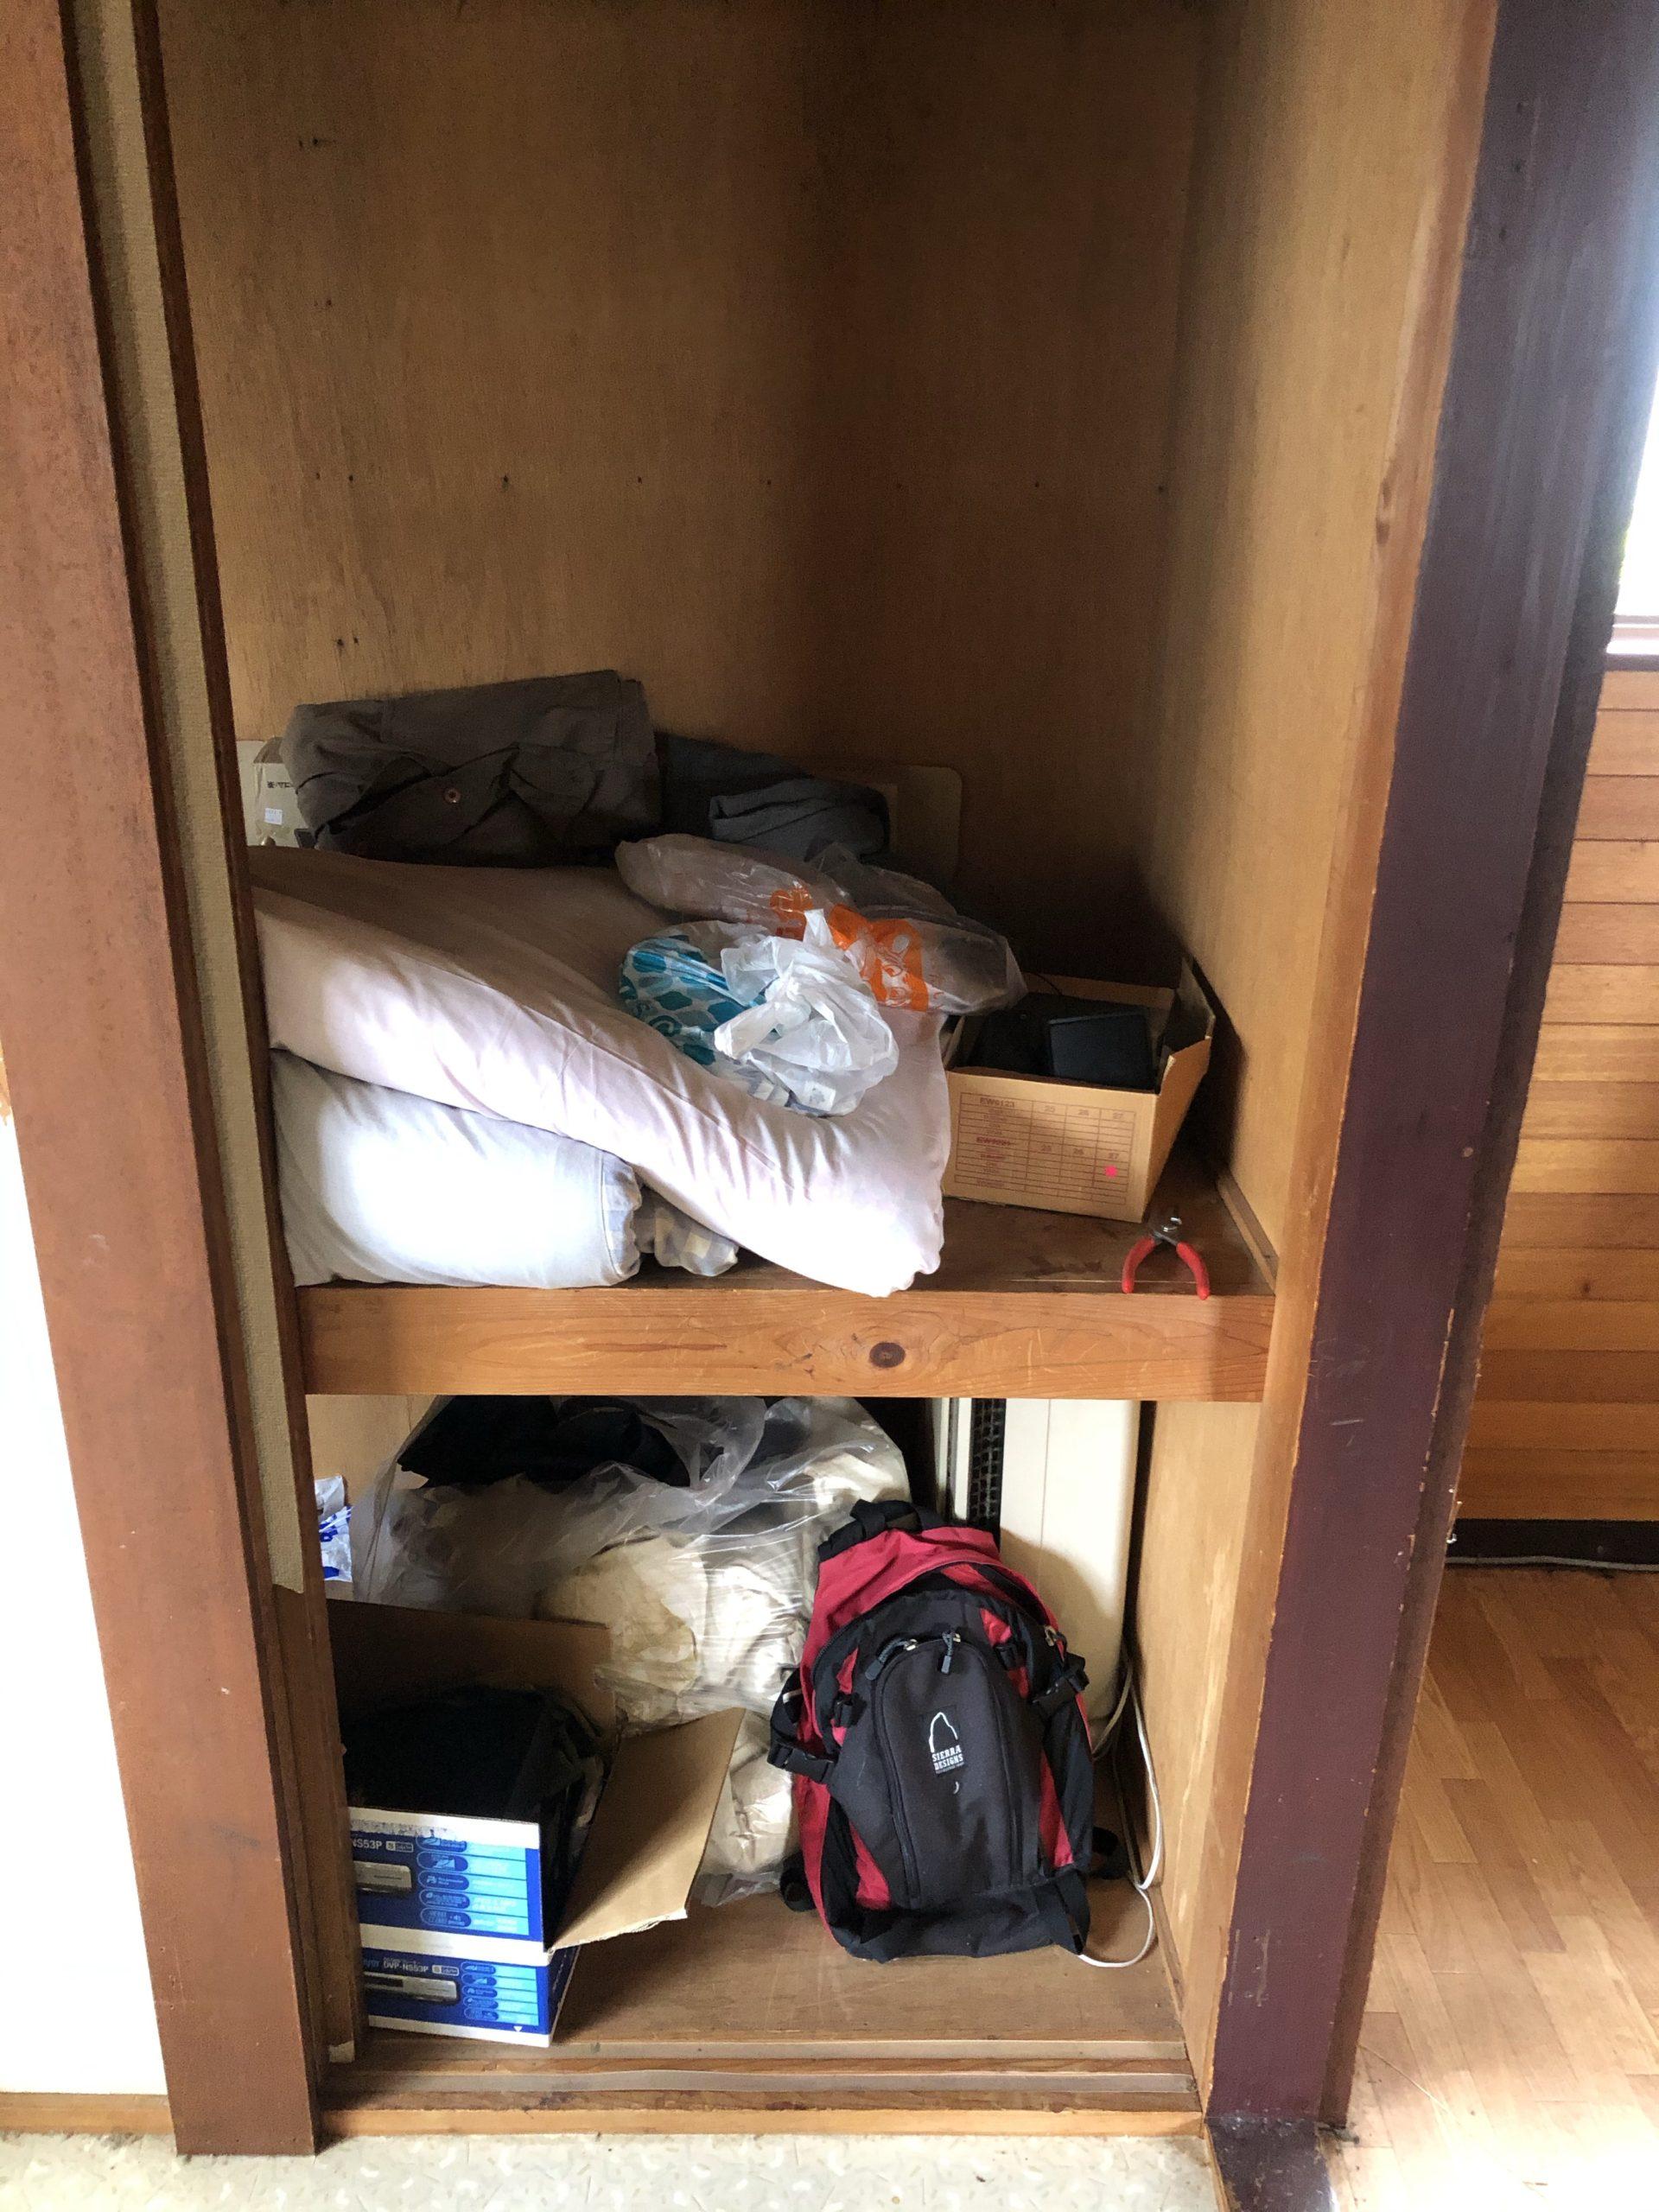 津市や松阪市で不用品回収や処分のご相談、家屋解体工事の見積り業者なら株式会社kousui